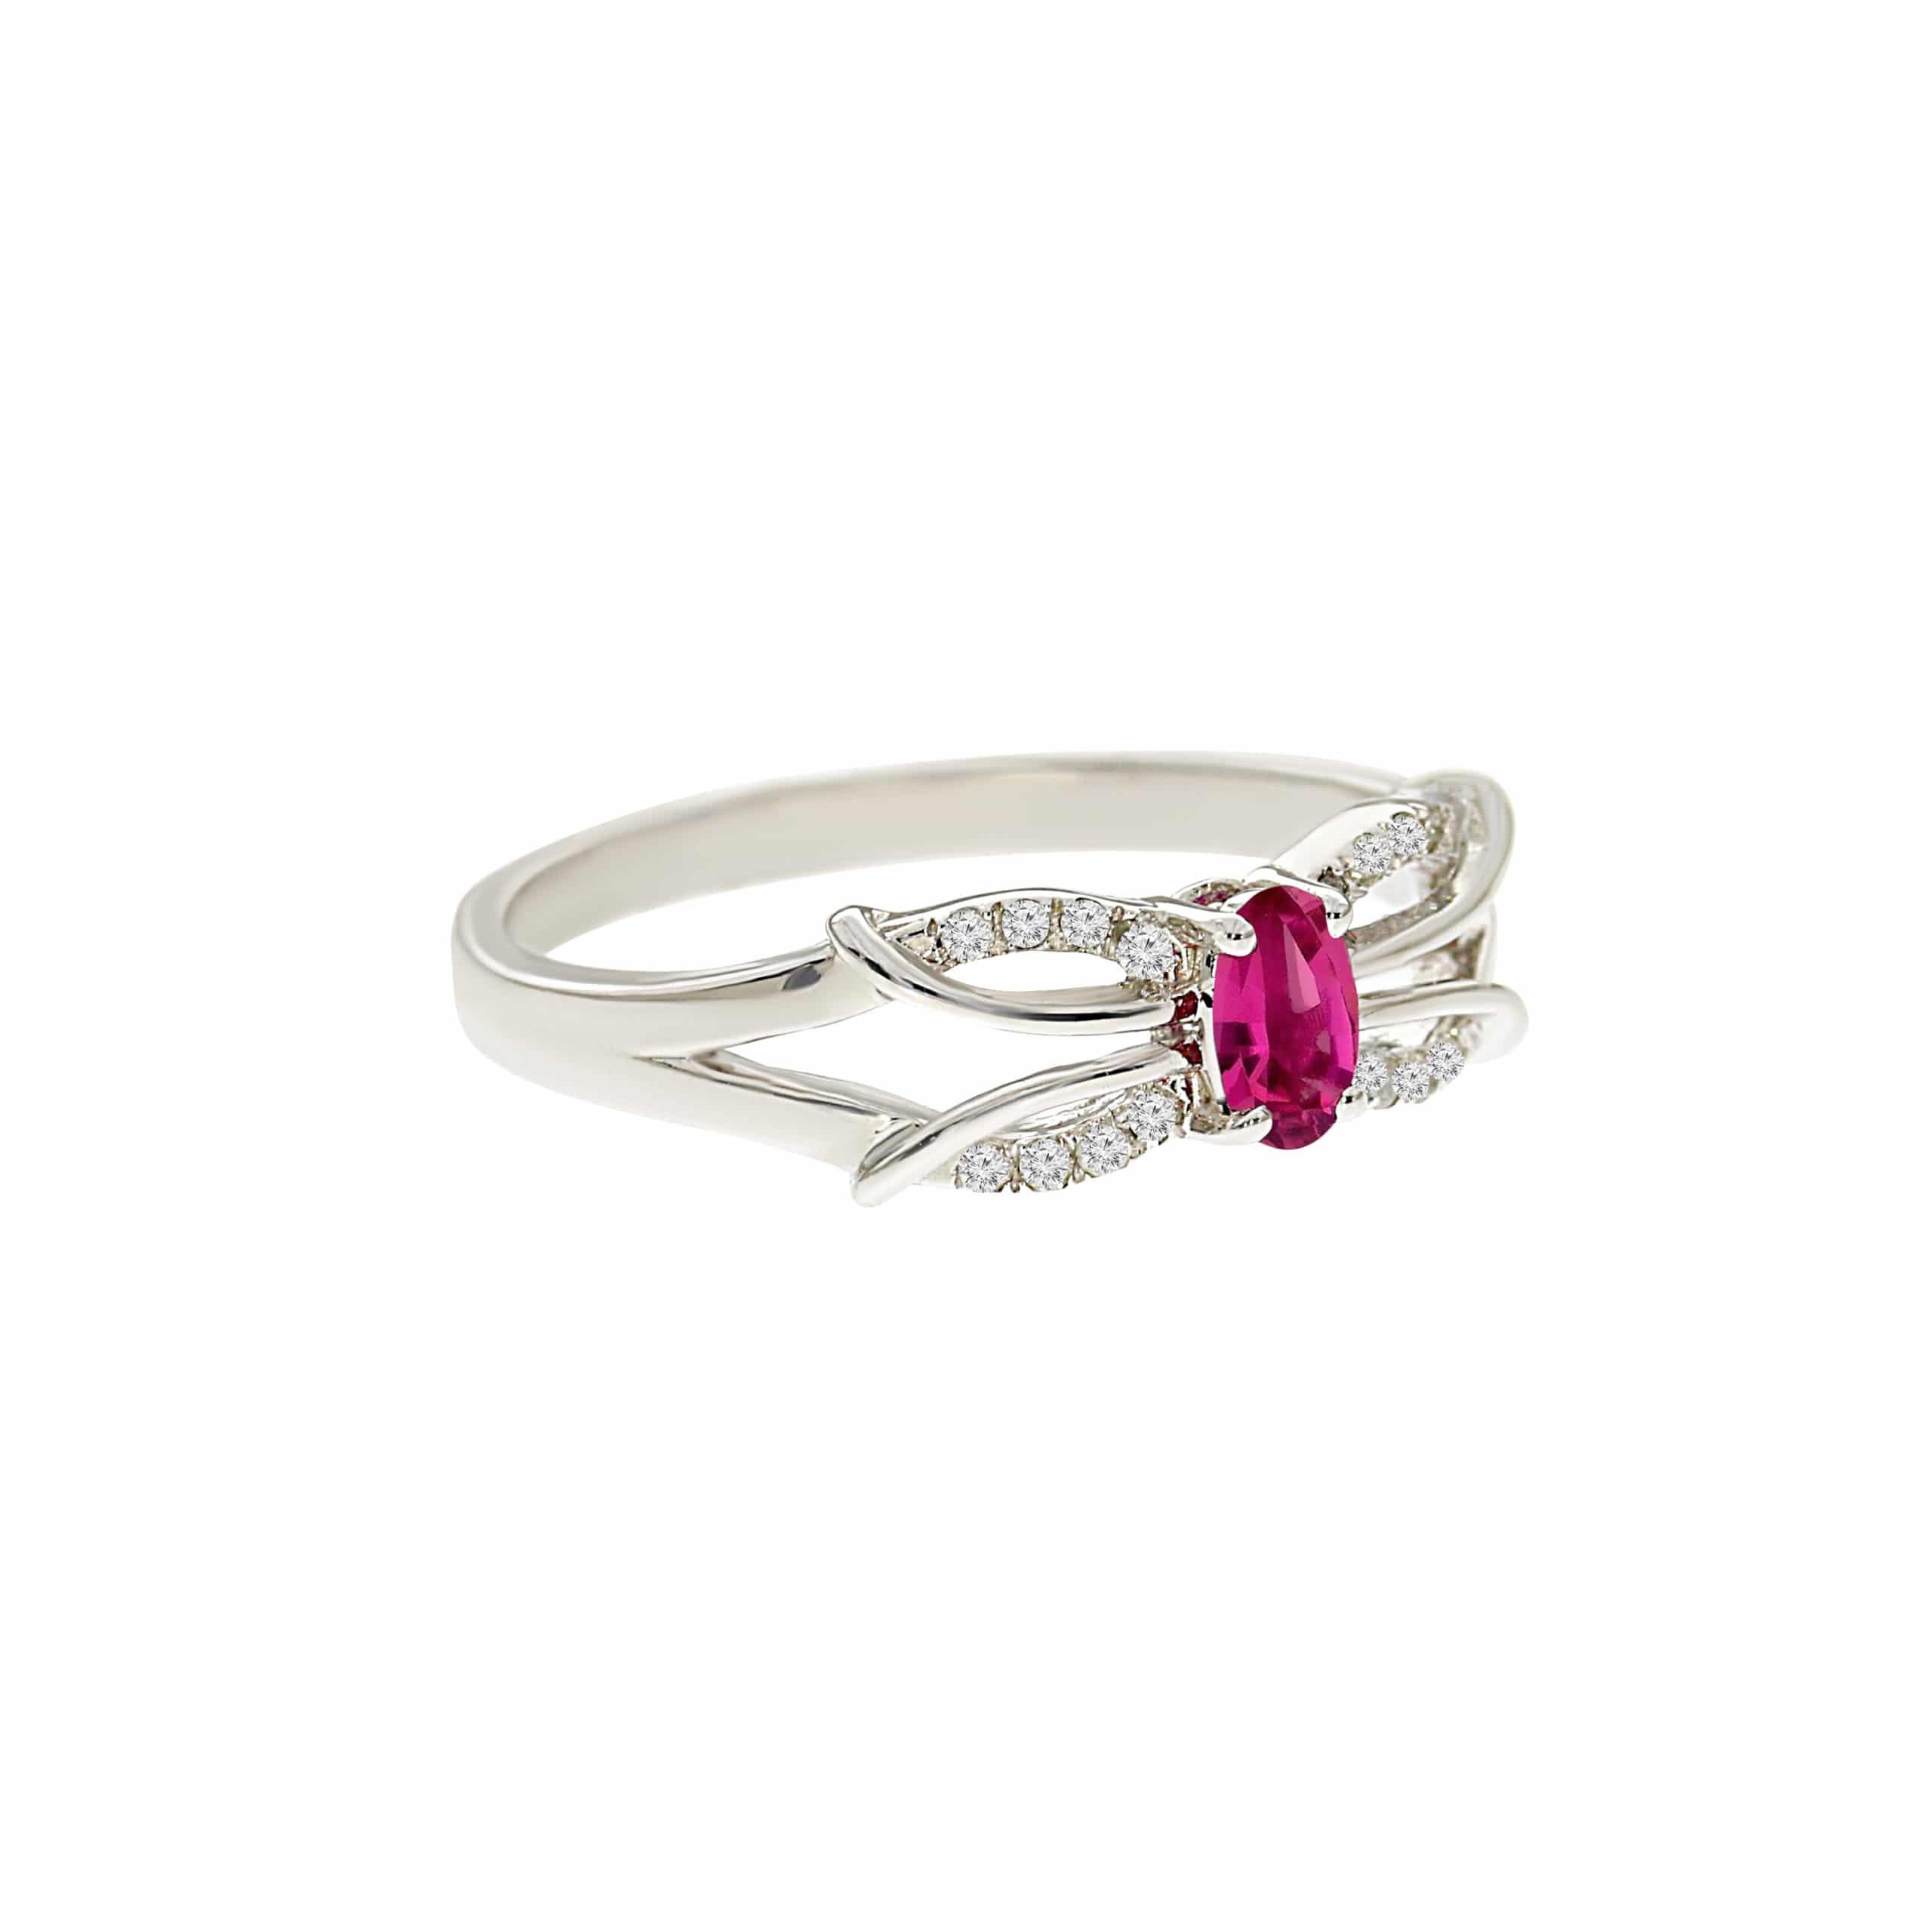 טבעת אבן רובי 0.28 קראט, זהב -לבן 14 קראט, בשיבוץ יהלומים